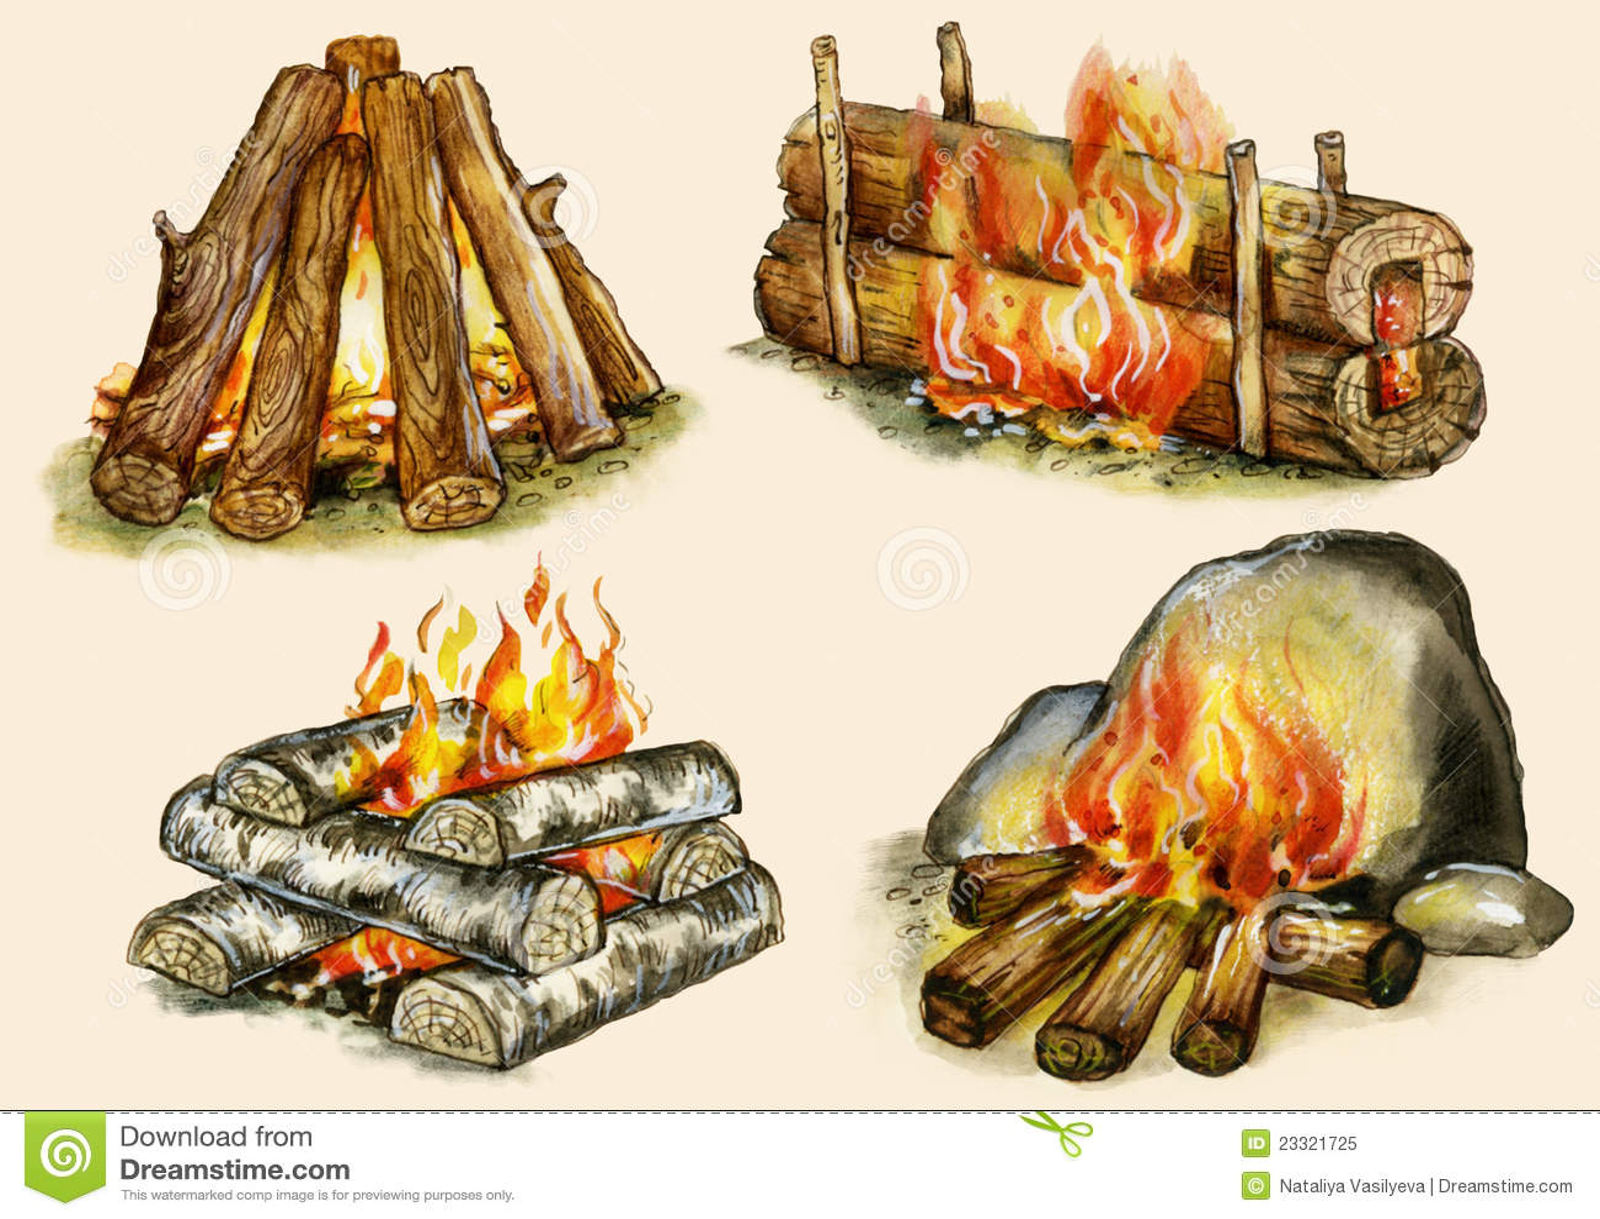 four types of campfires stock illustration illustration of shelter 23321725. Black Bedroom Furniture Sets. Home Design Ideas